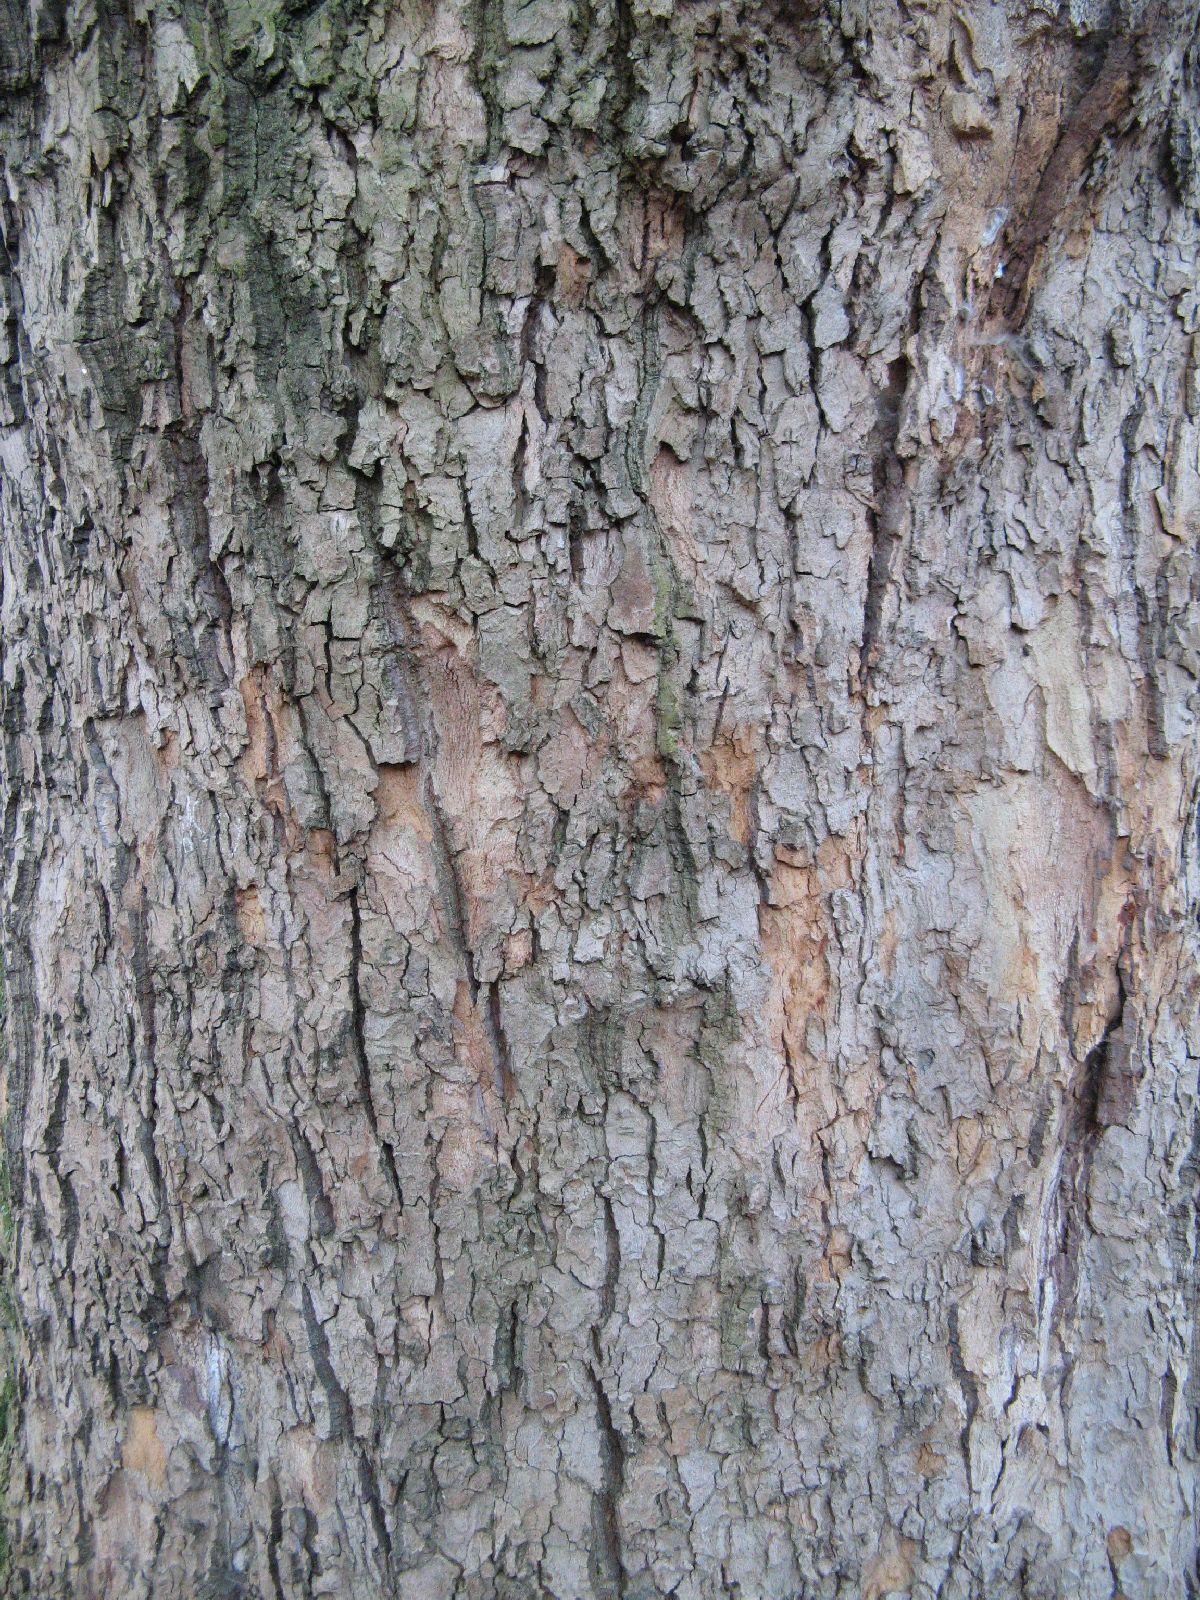 Baum-Rinde_Texturs_B_27560